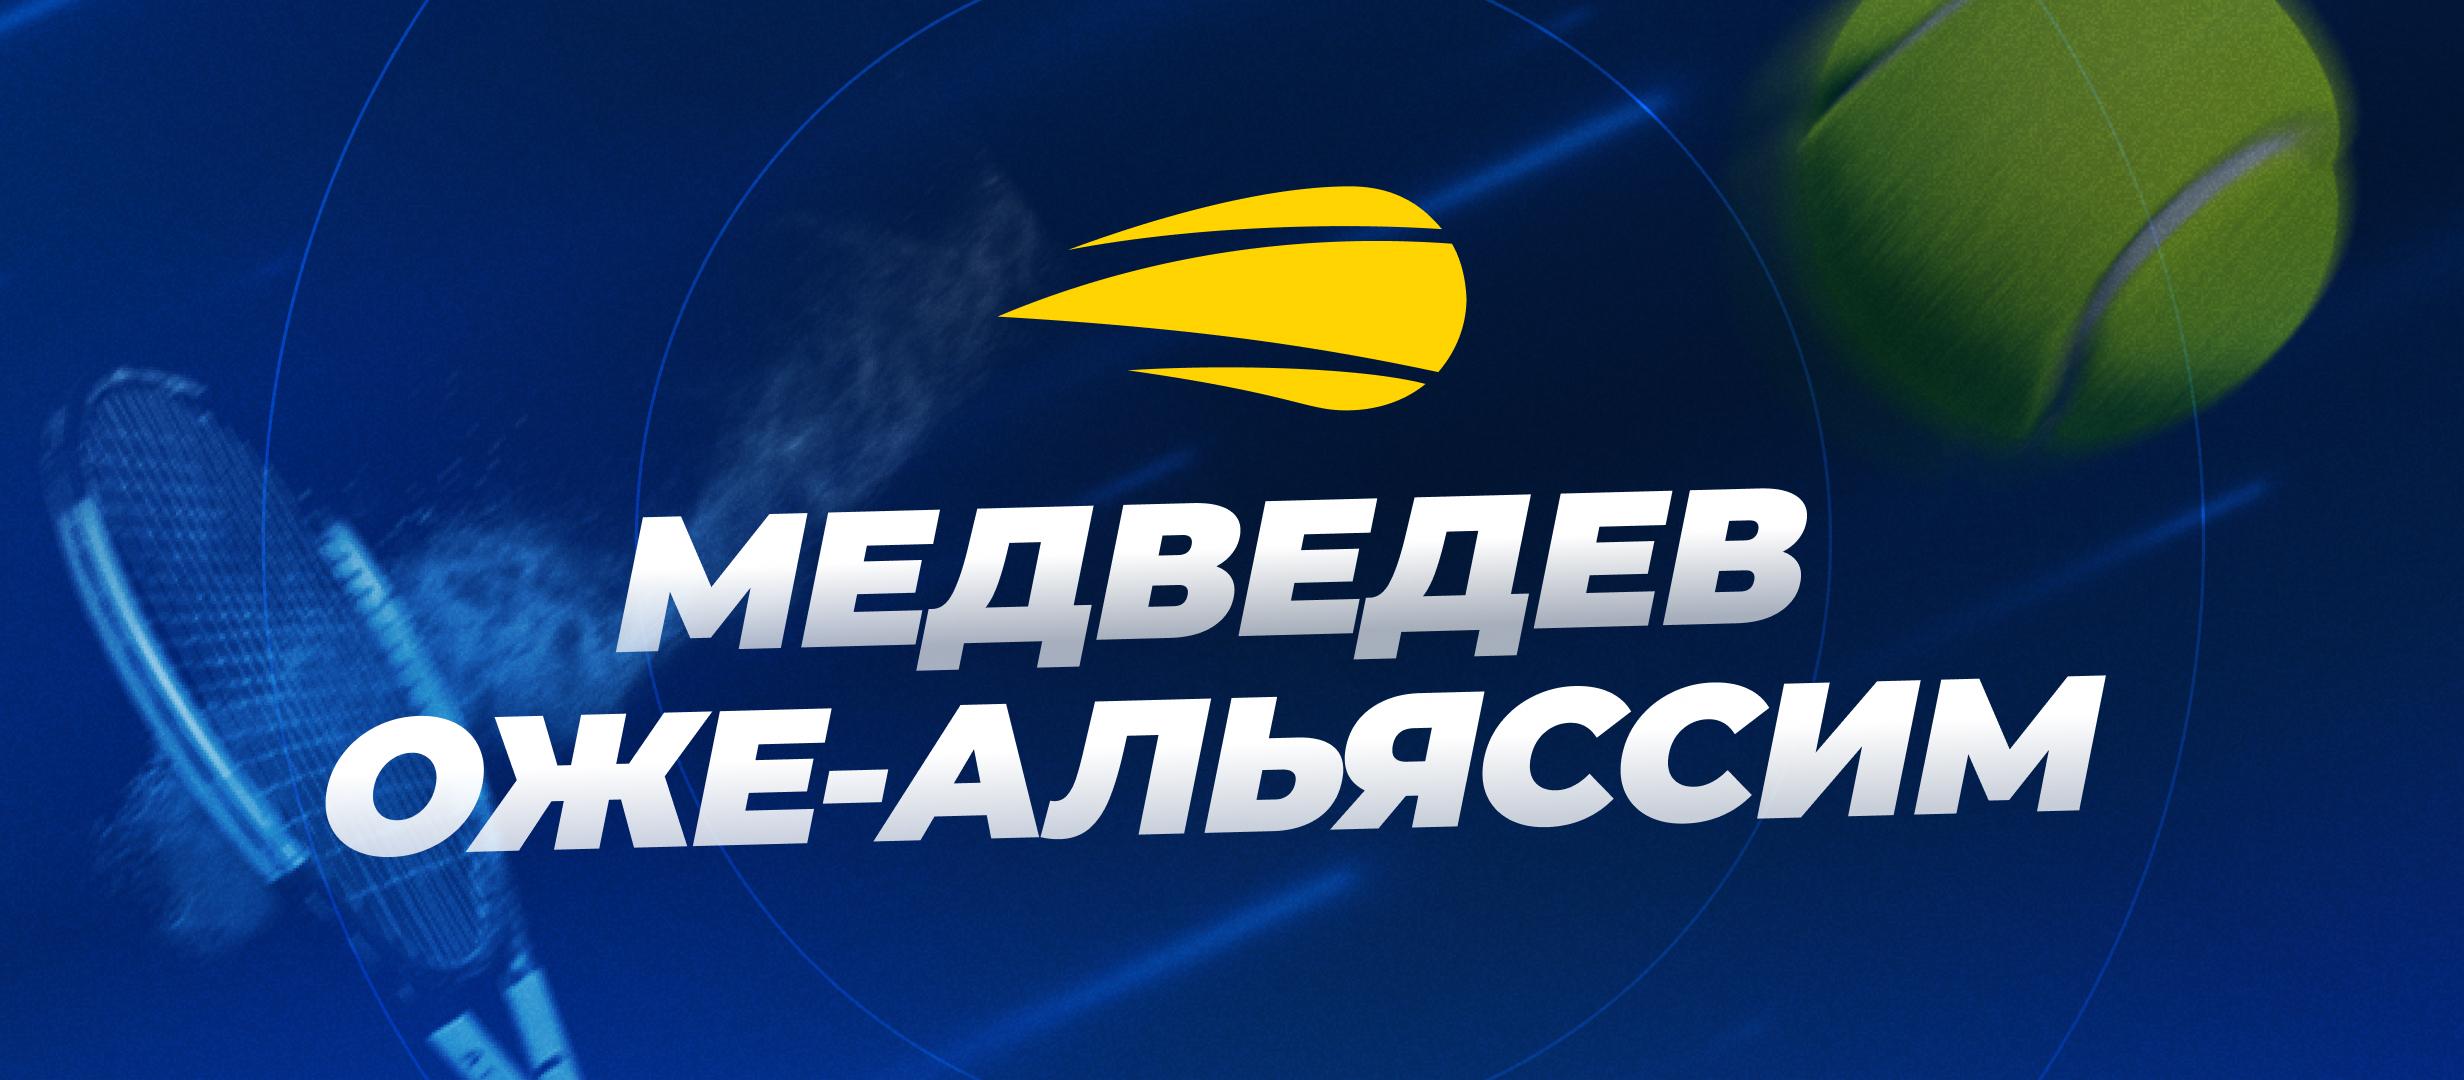 Полуфинал US Open Даниил Медведев — Феликс Оже-Альяссим: букмекеры ждут Медведева в финале